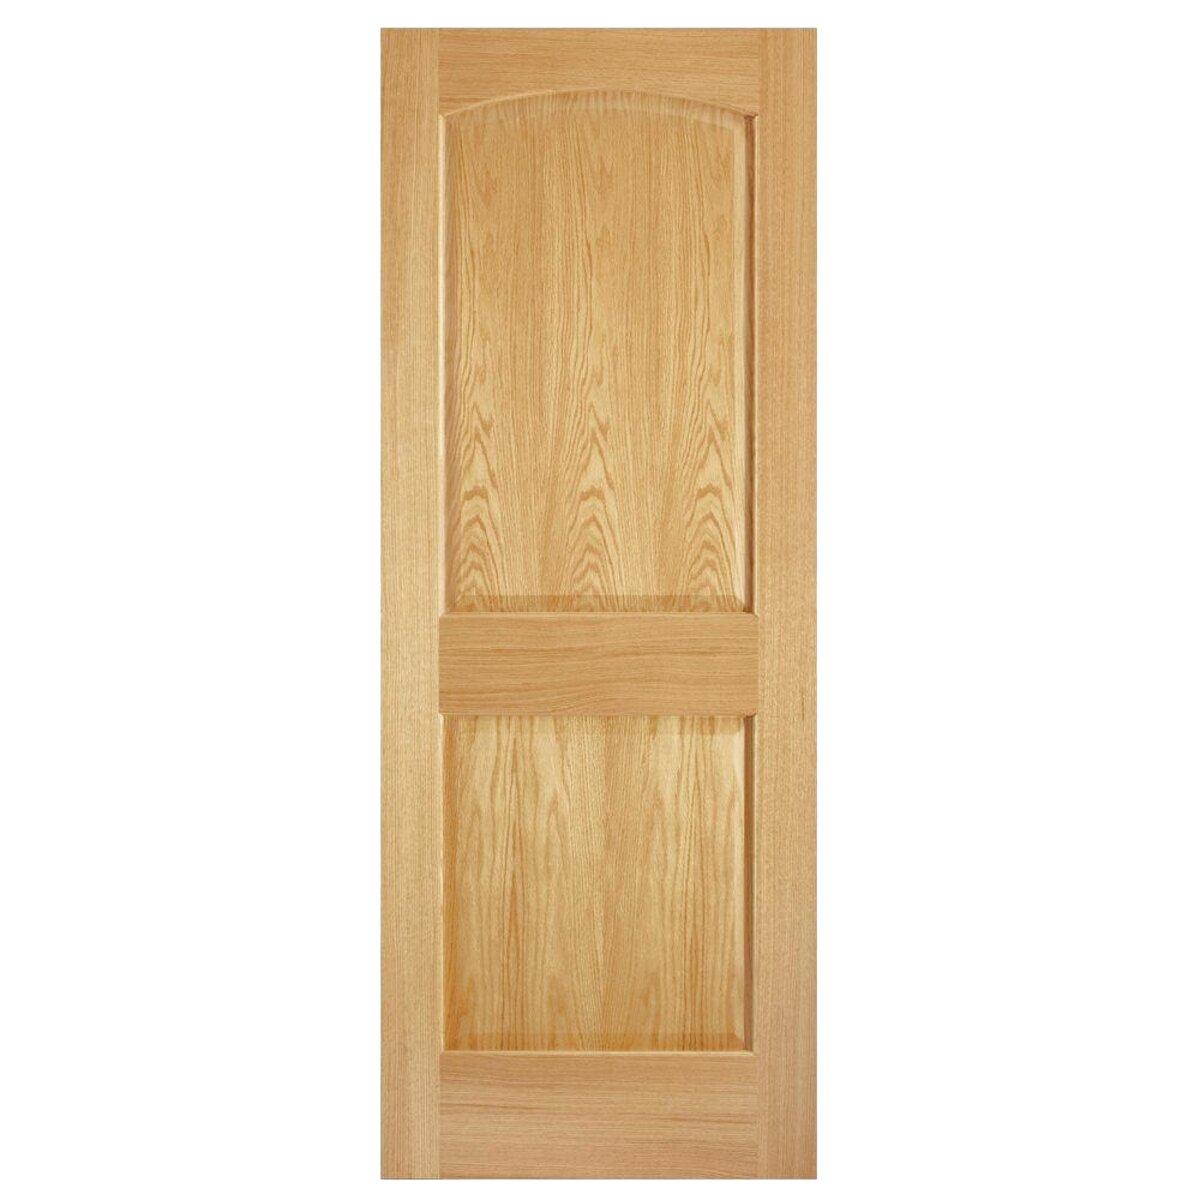 oak interior door for sale